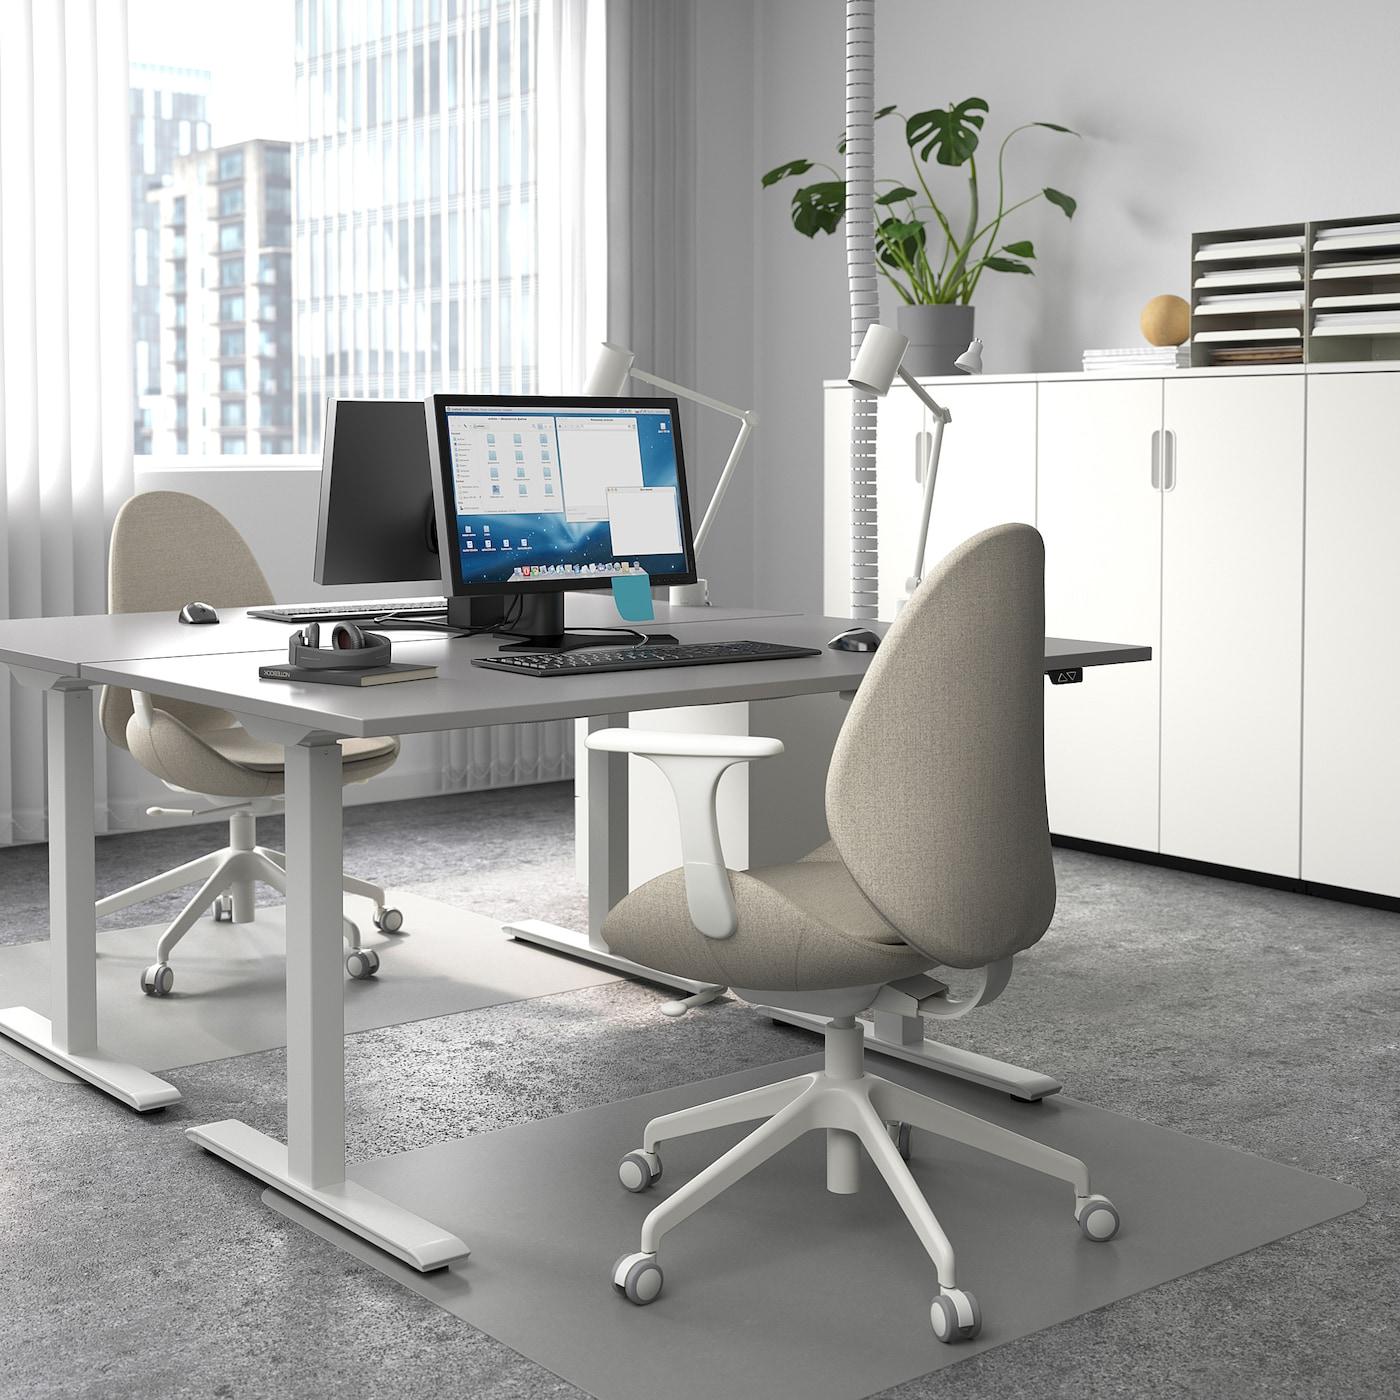 RODULF Schreibtisch sitz/steh, grau/weiß, 140x80 cm